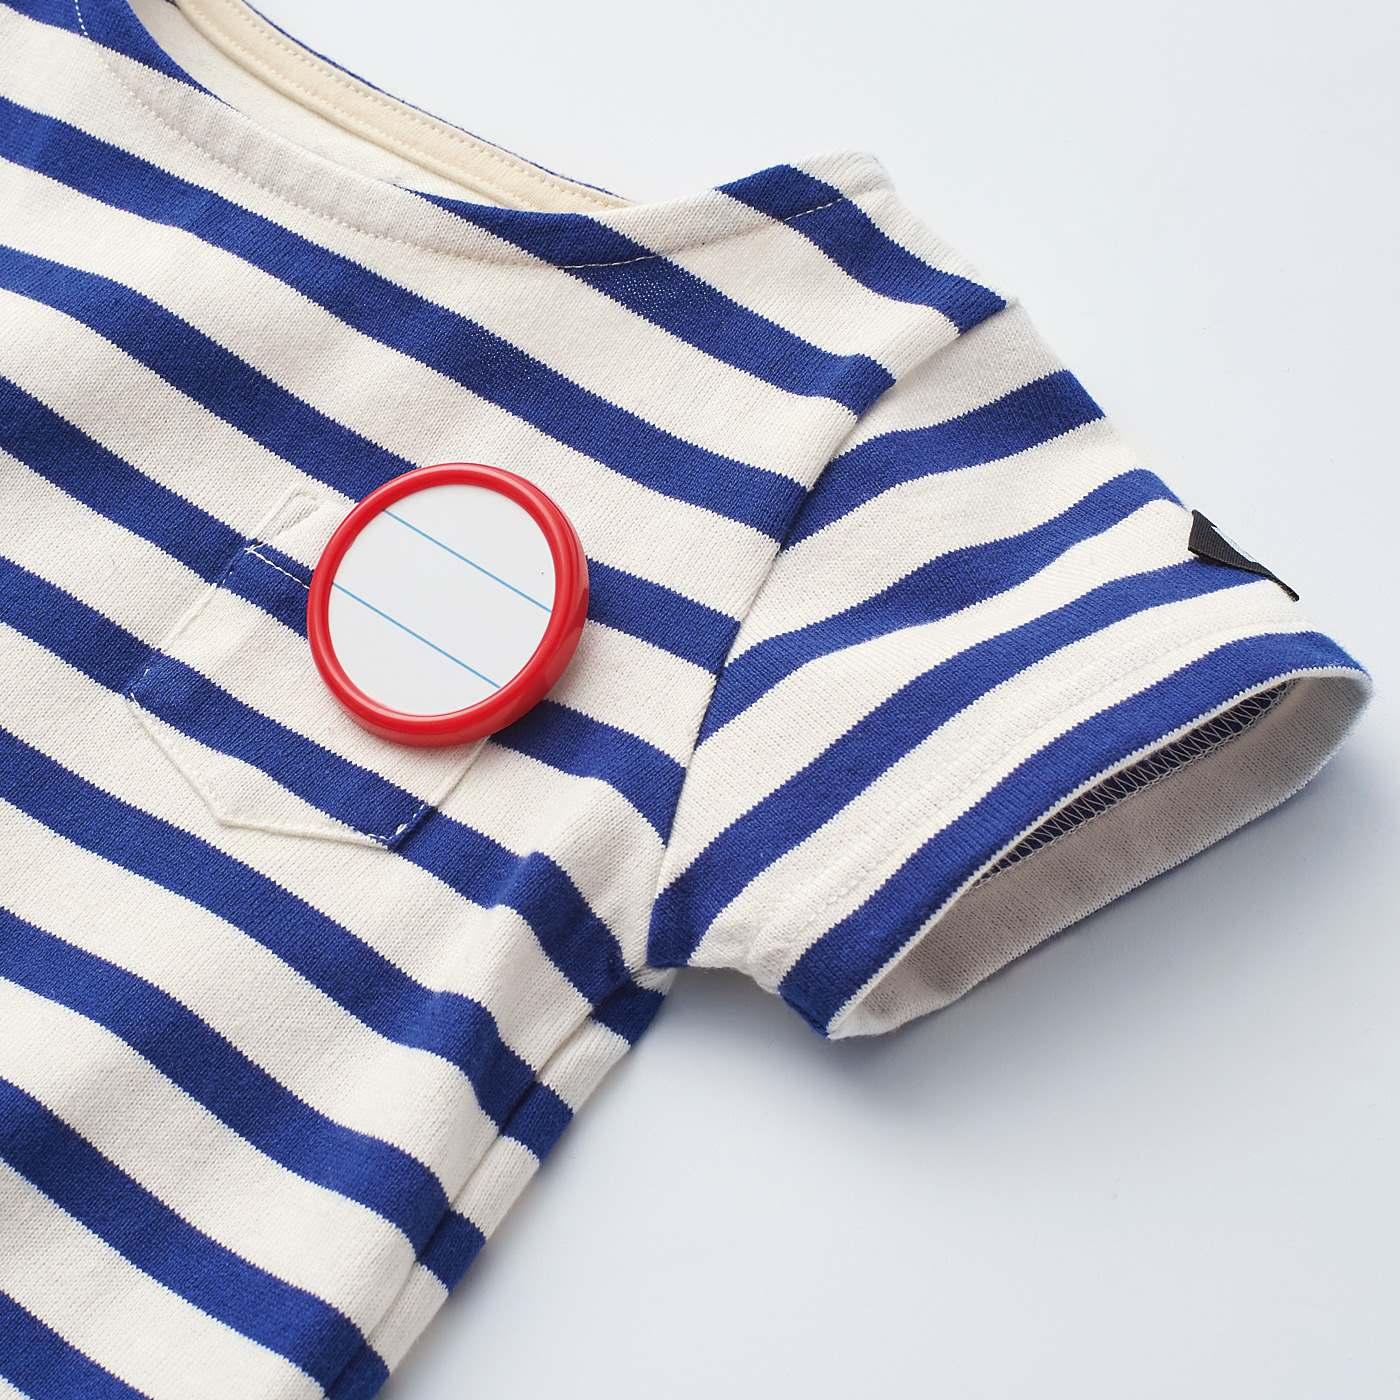 ポケットには、名札を通せる配色テープ付き。